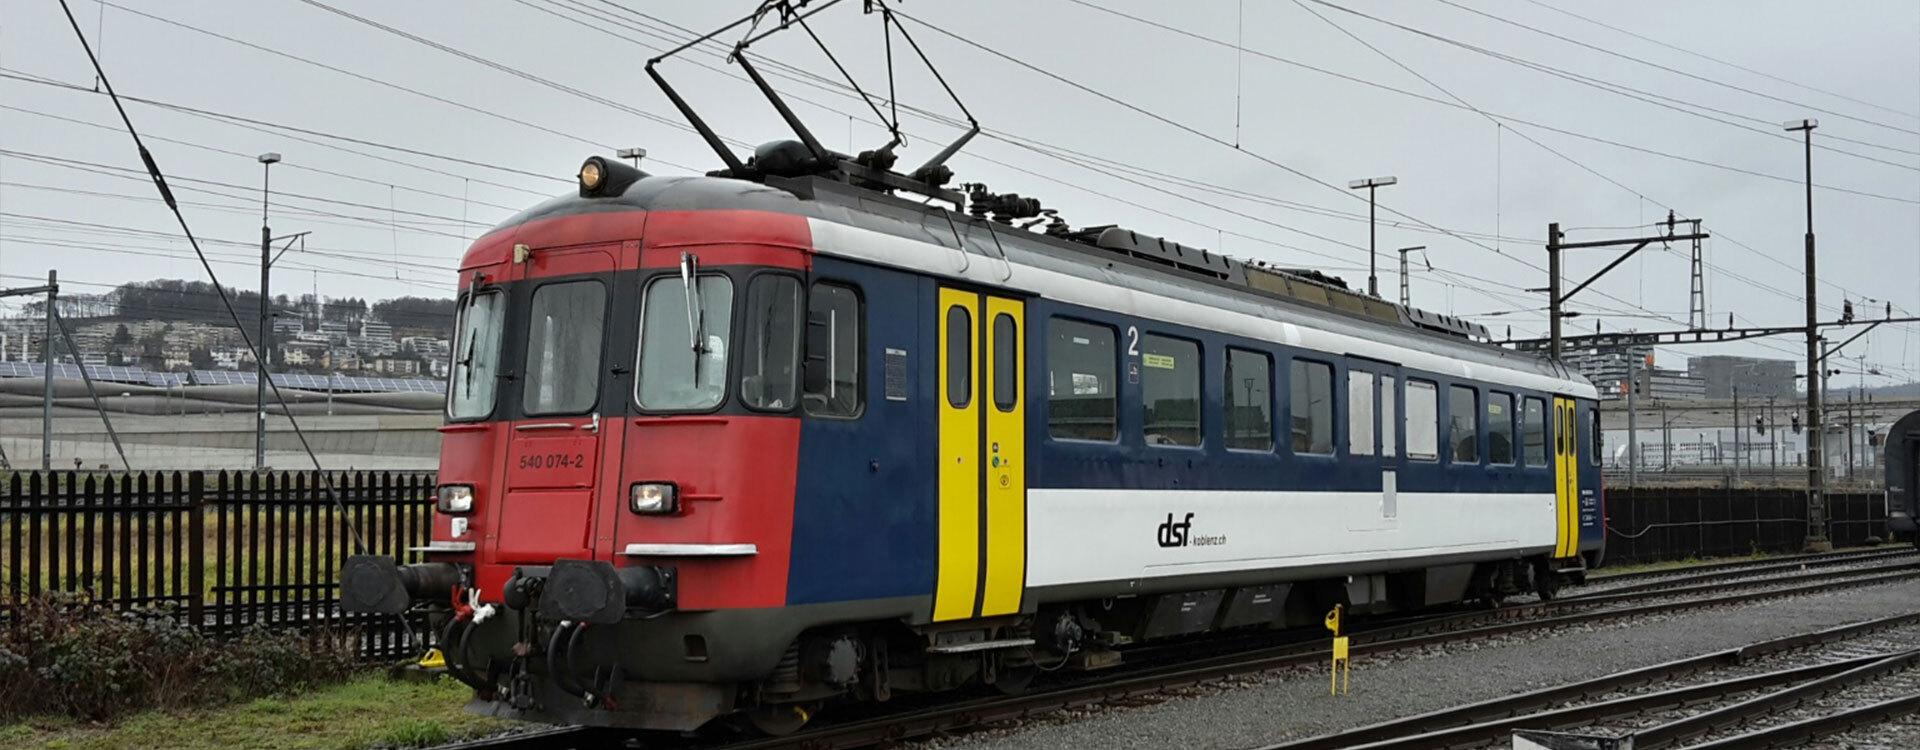 Triebwagen - Oensingen-Balsthal-Bahn AG